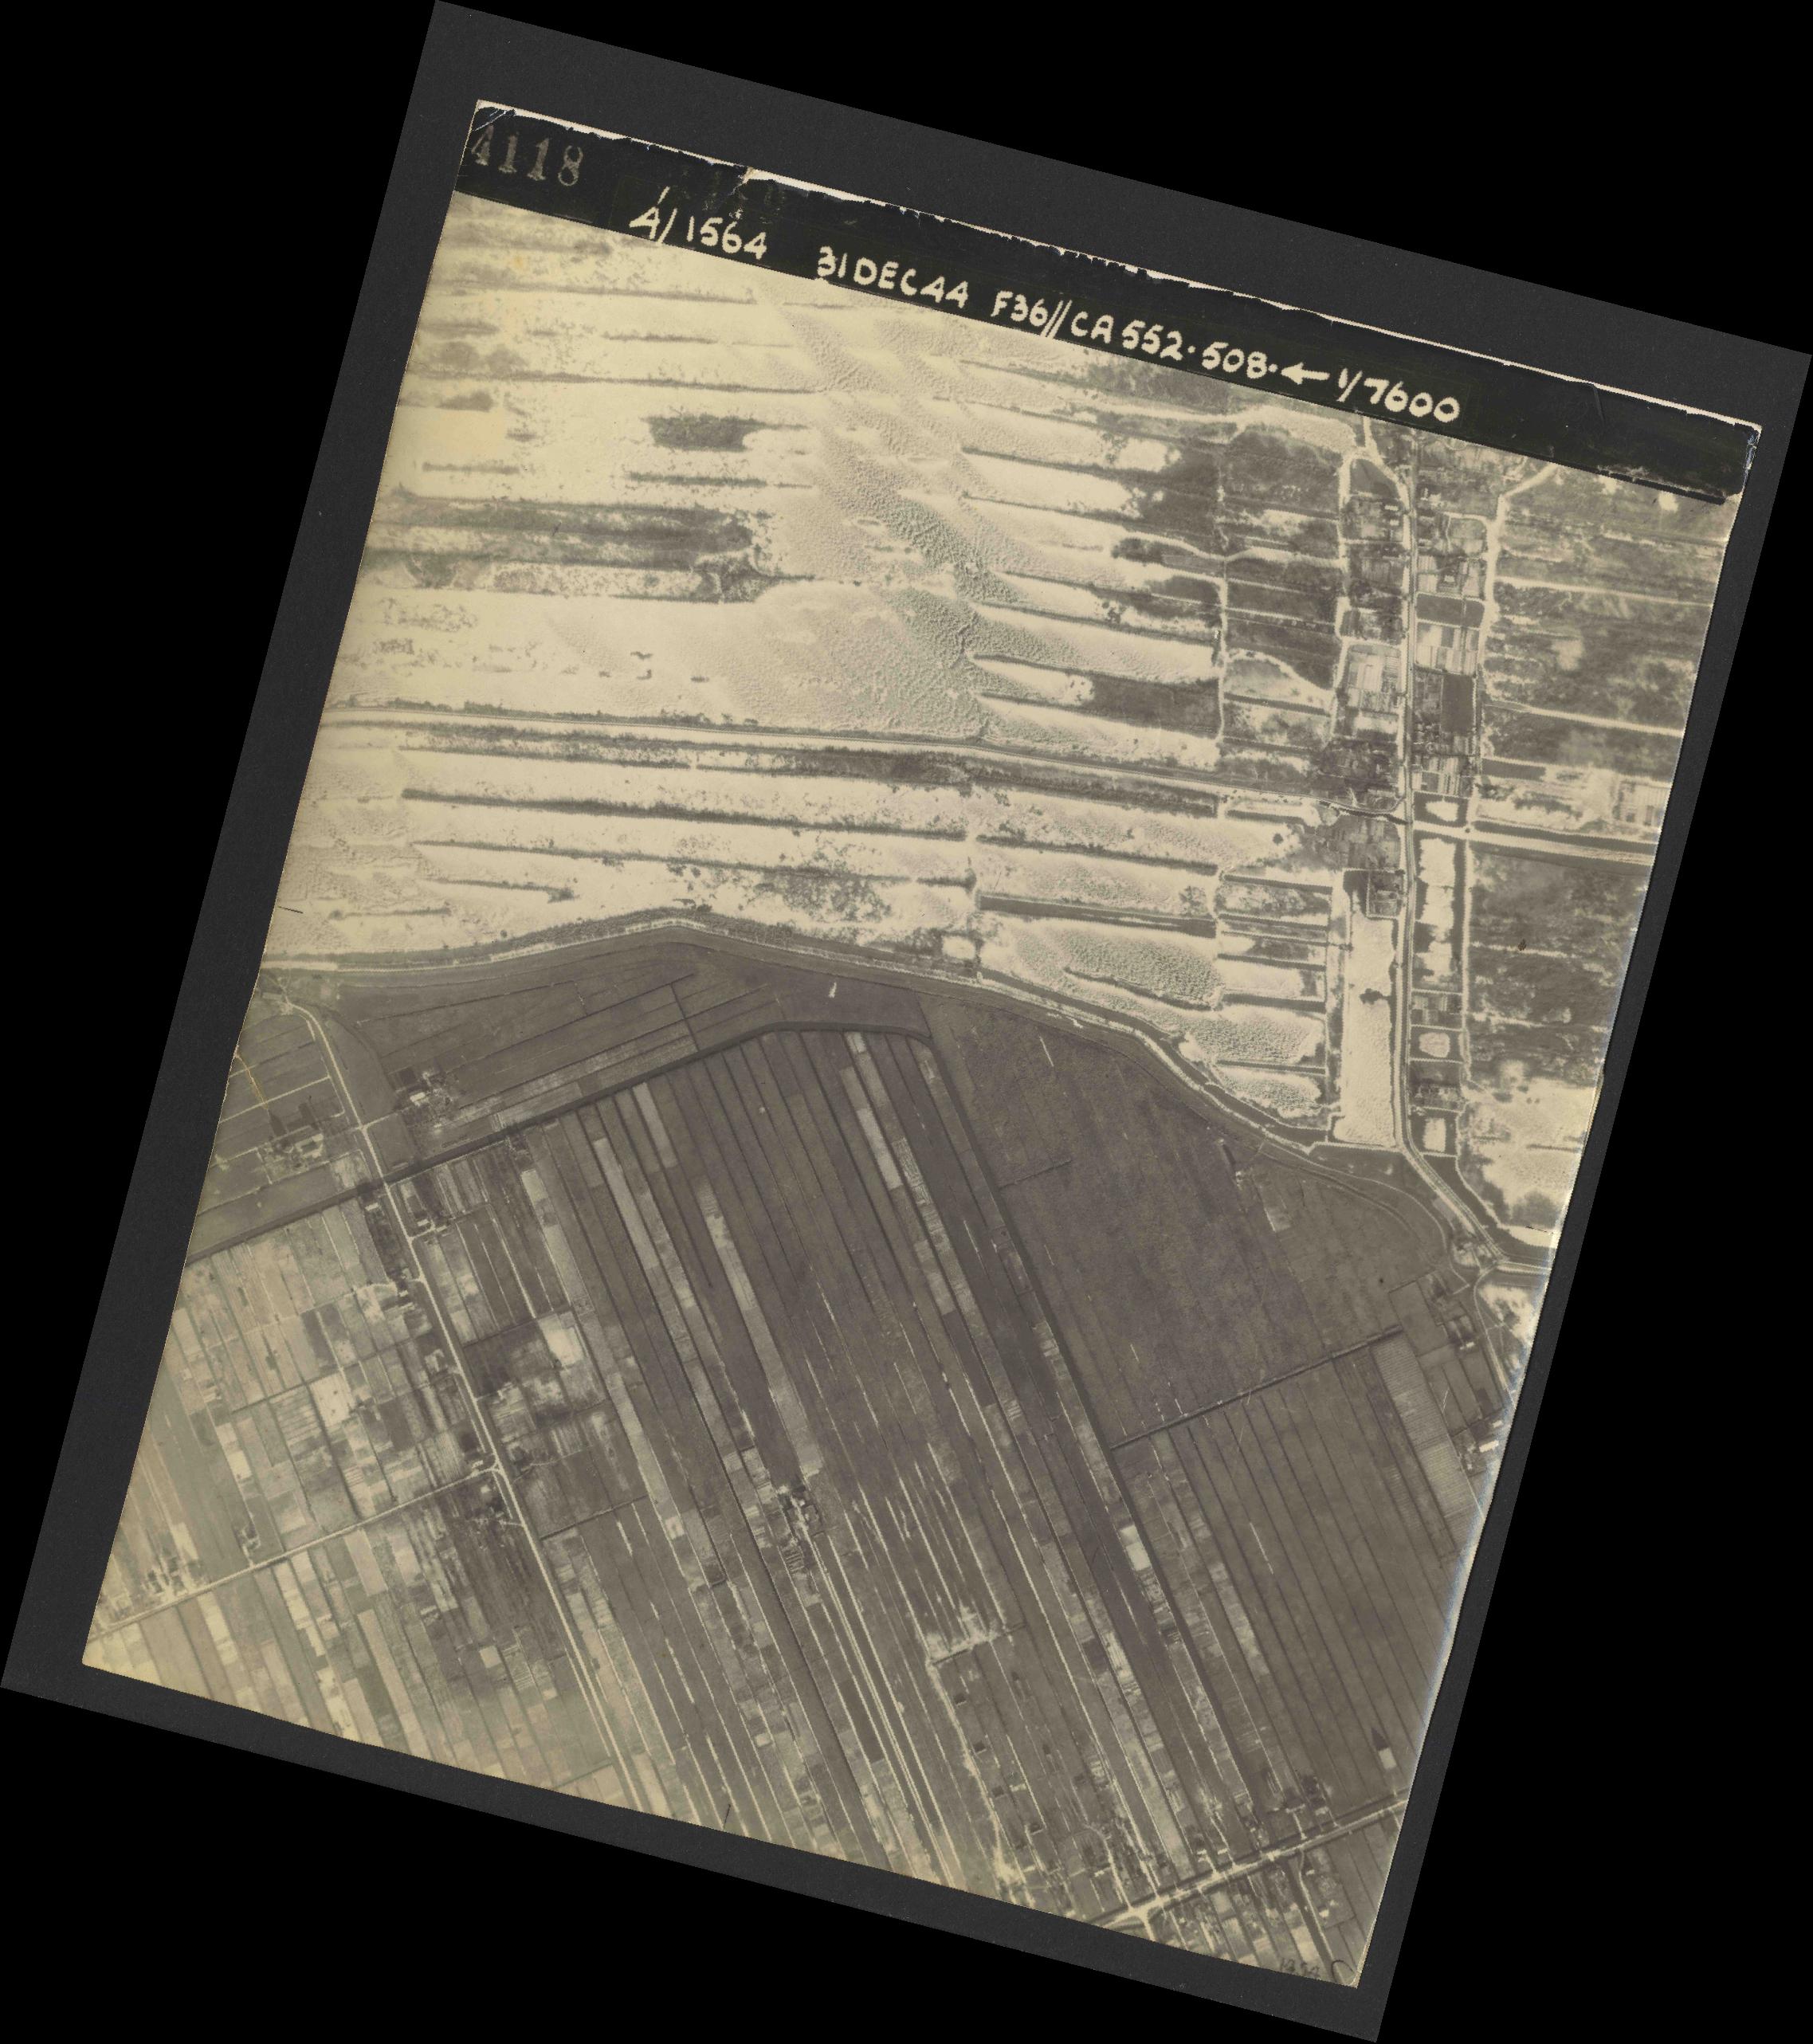 Collection RAF aerial photos 1940-1945 - flight 351, run 04, photo 4118